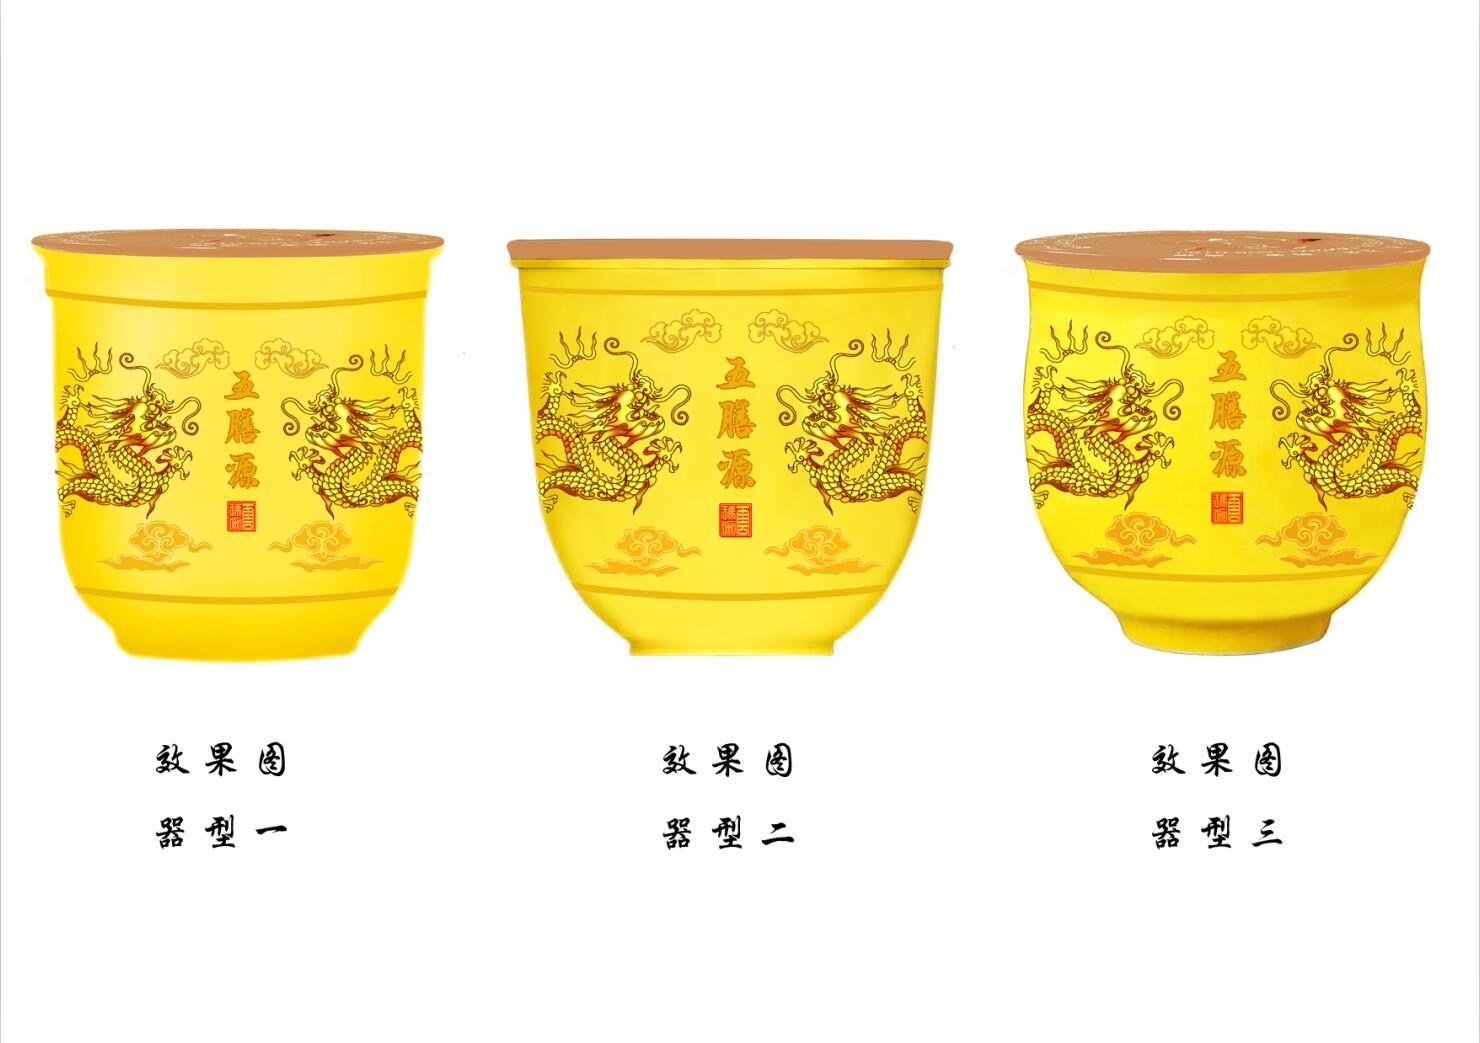 中国黄金龙纹陶瓷口杯 高档颜色釉陶瓷口杯